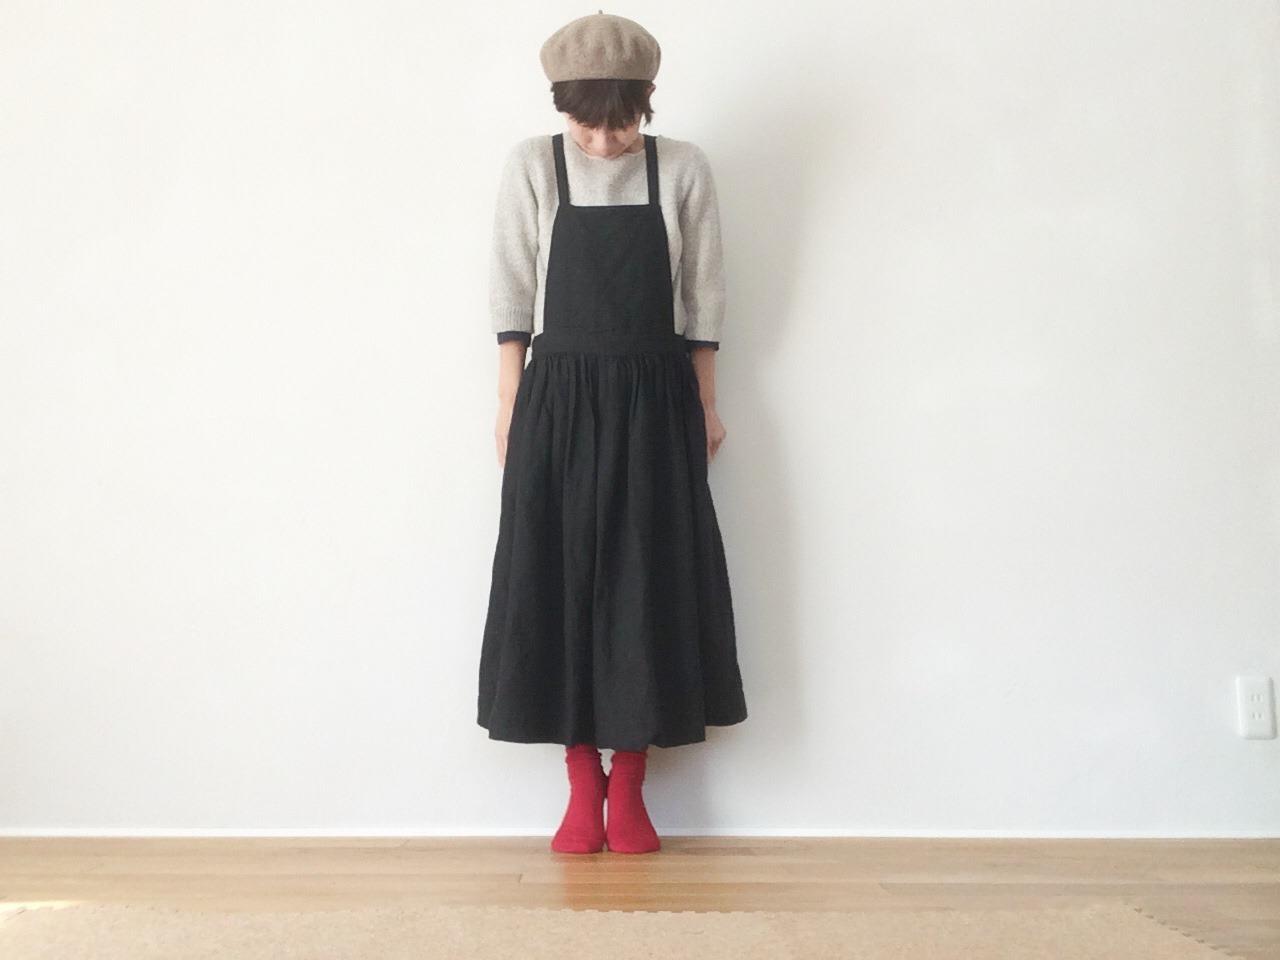 ファッション性の高い黒の無地エプロンで素敵な女性を目指そう!のサムネイル画像